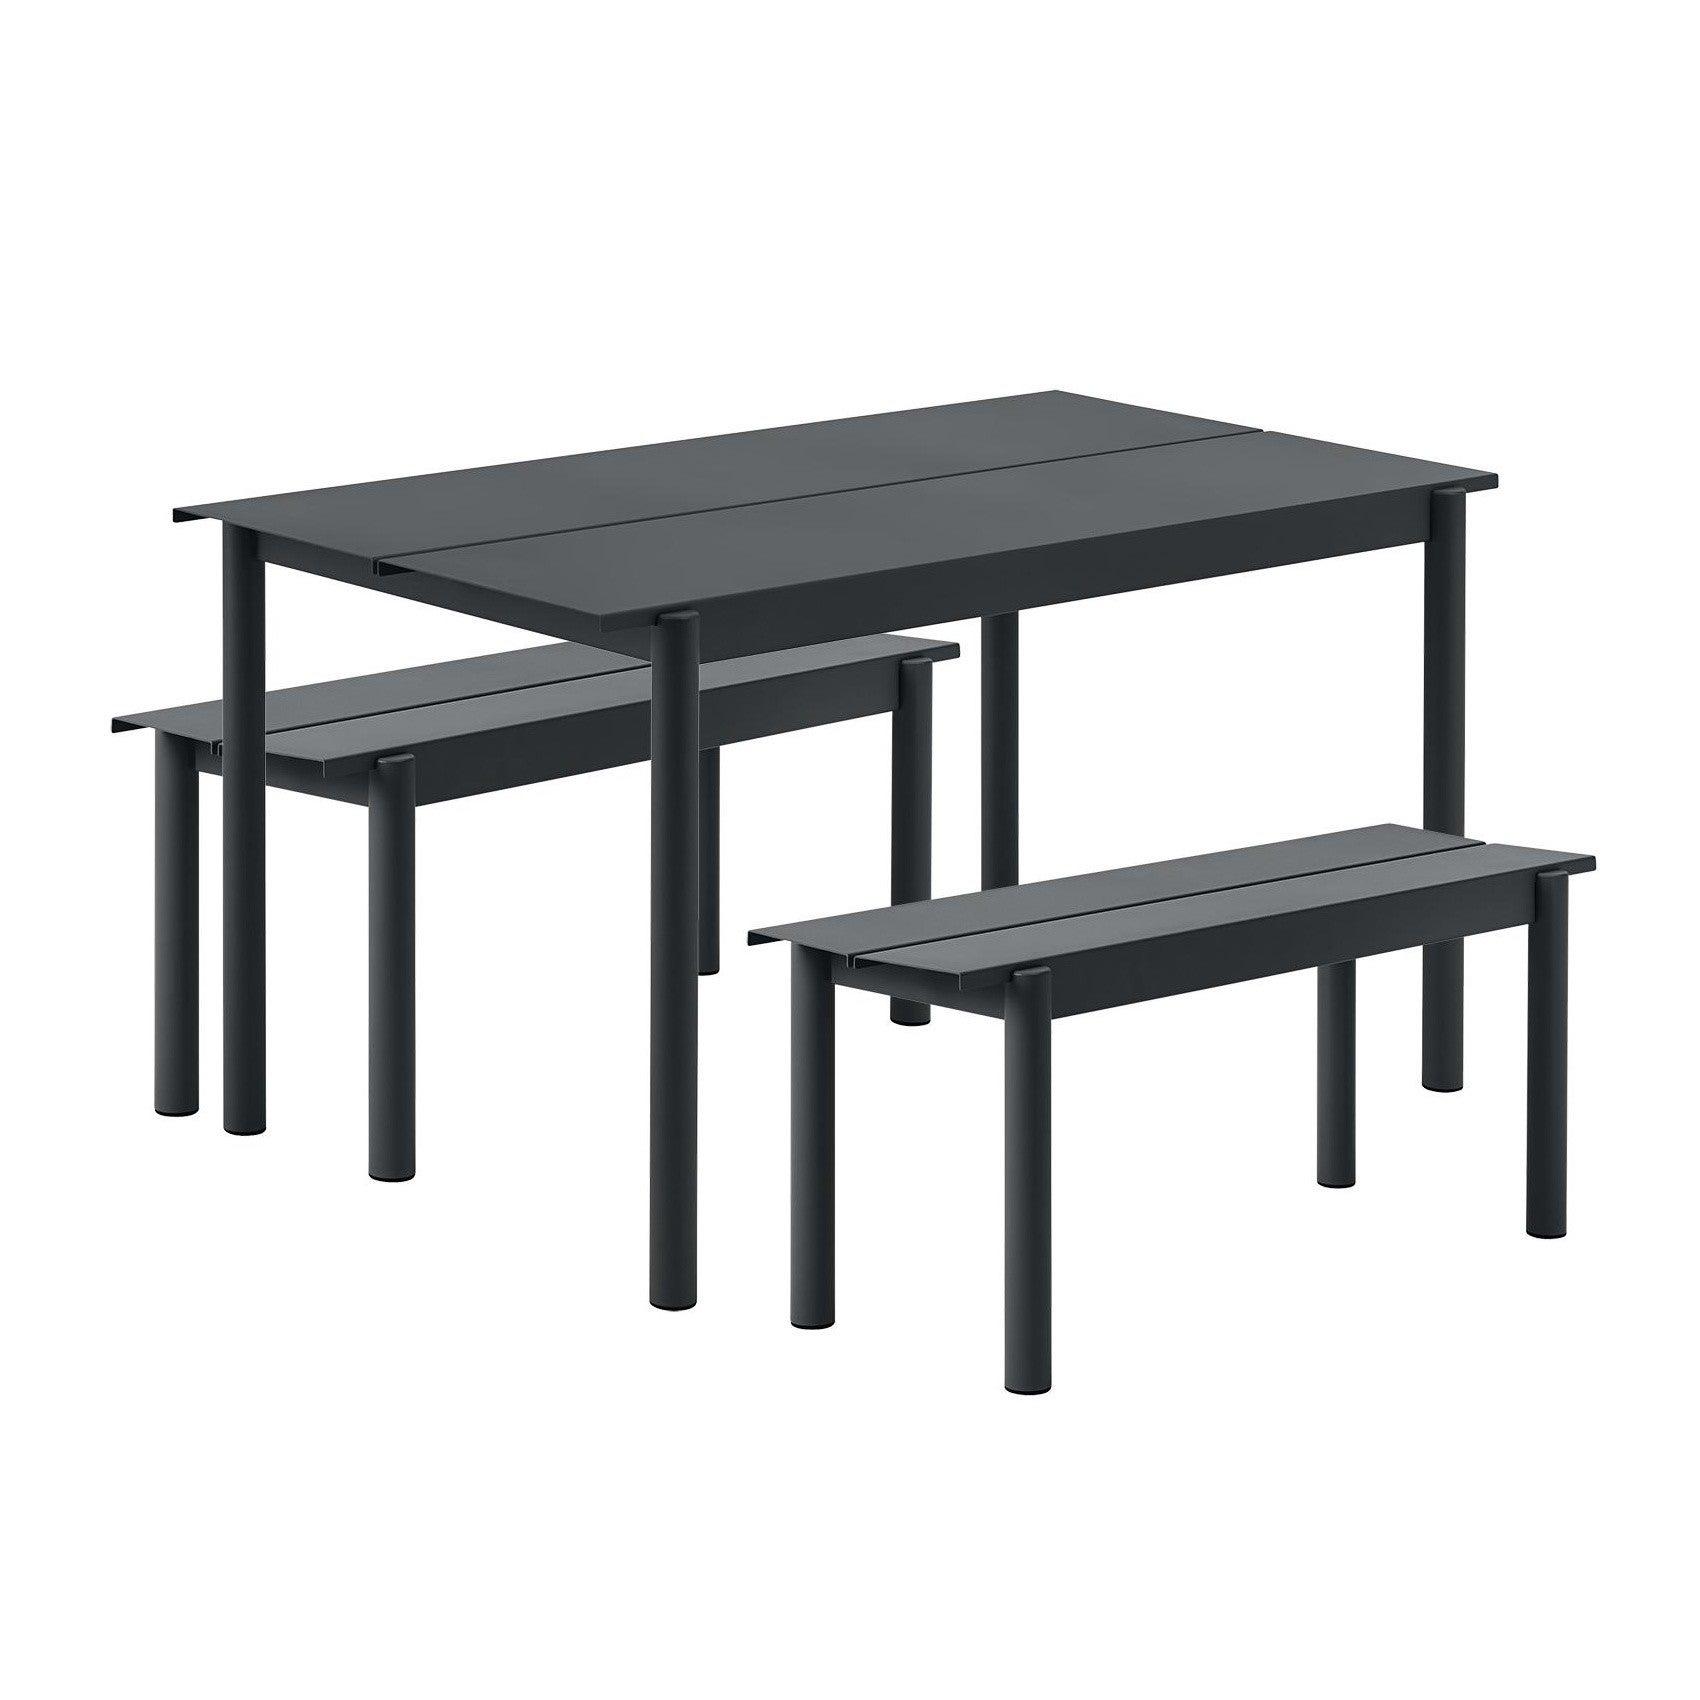 Muuto_Linear-Steel-Gartenset-L-140cm_1700x1700-ID1948334-f152ce037b9c7a08b364d0fc909c4ac9